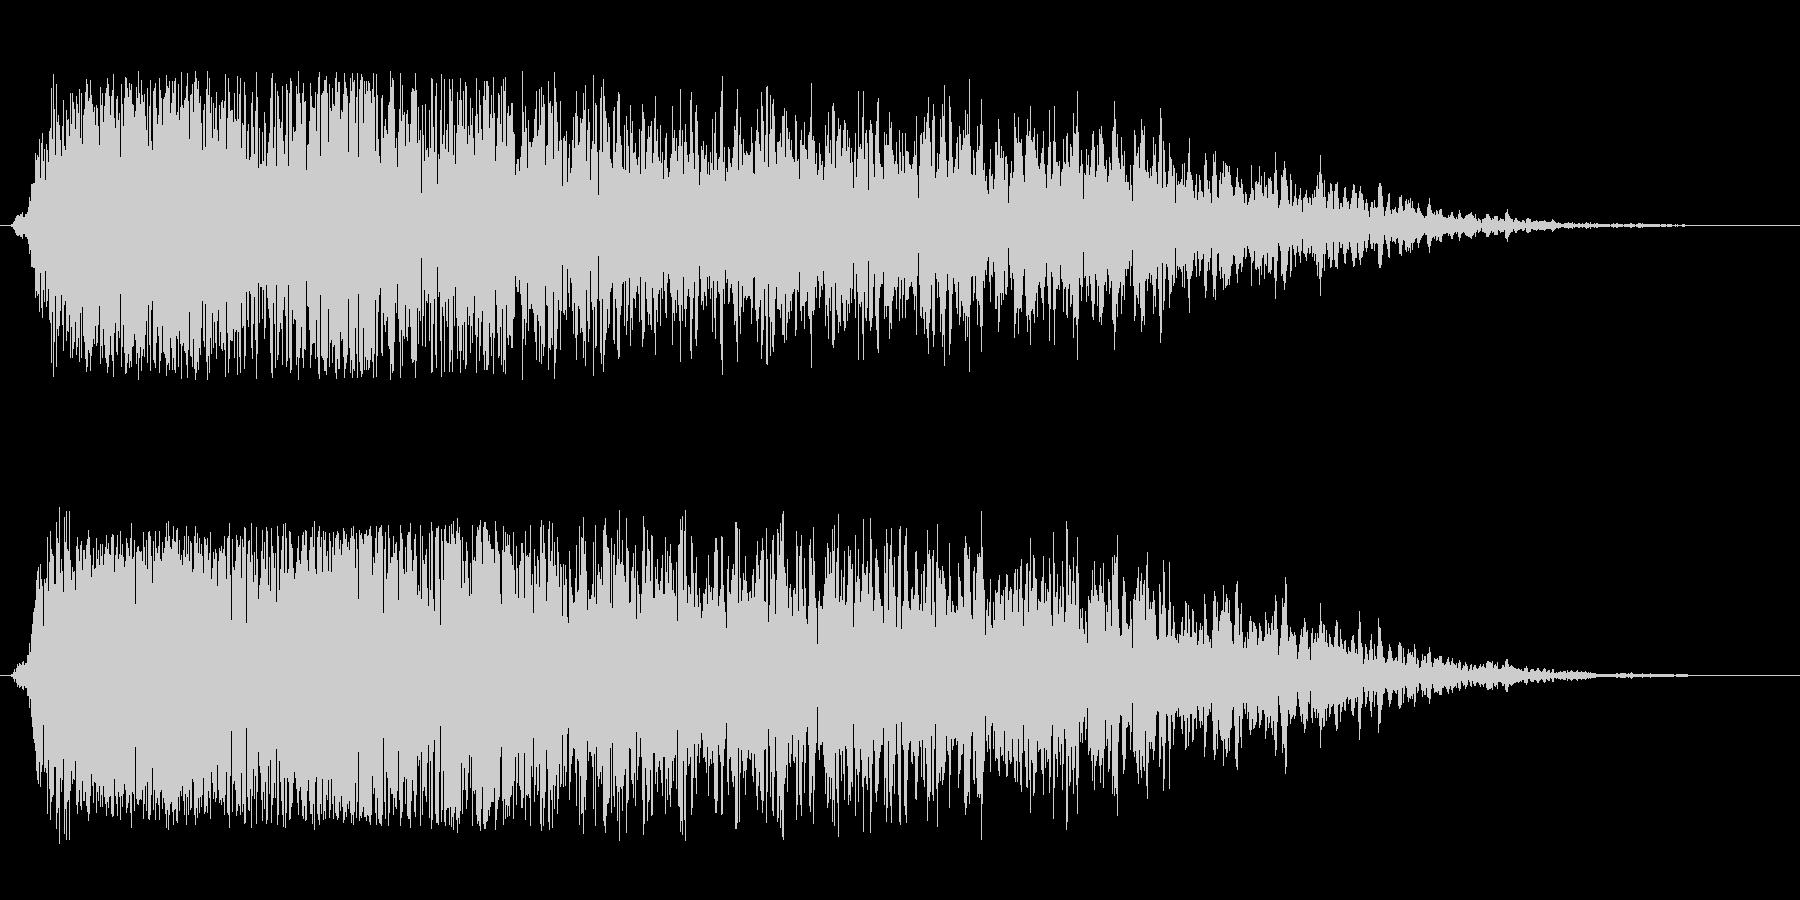 工場のコンプレッサー音の未再生の波形